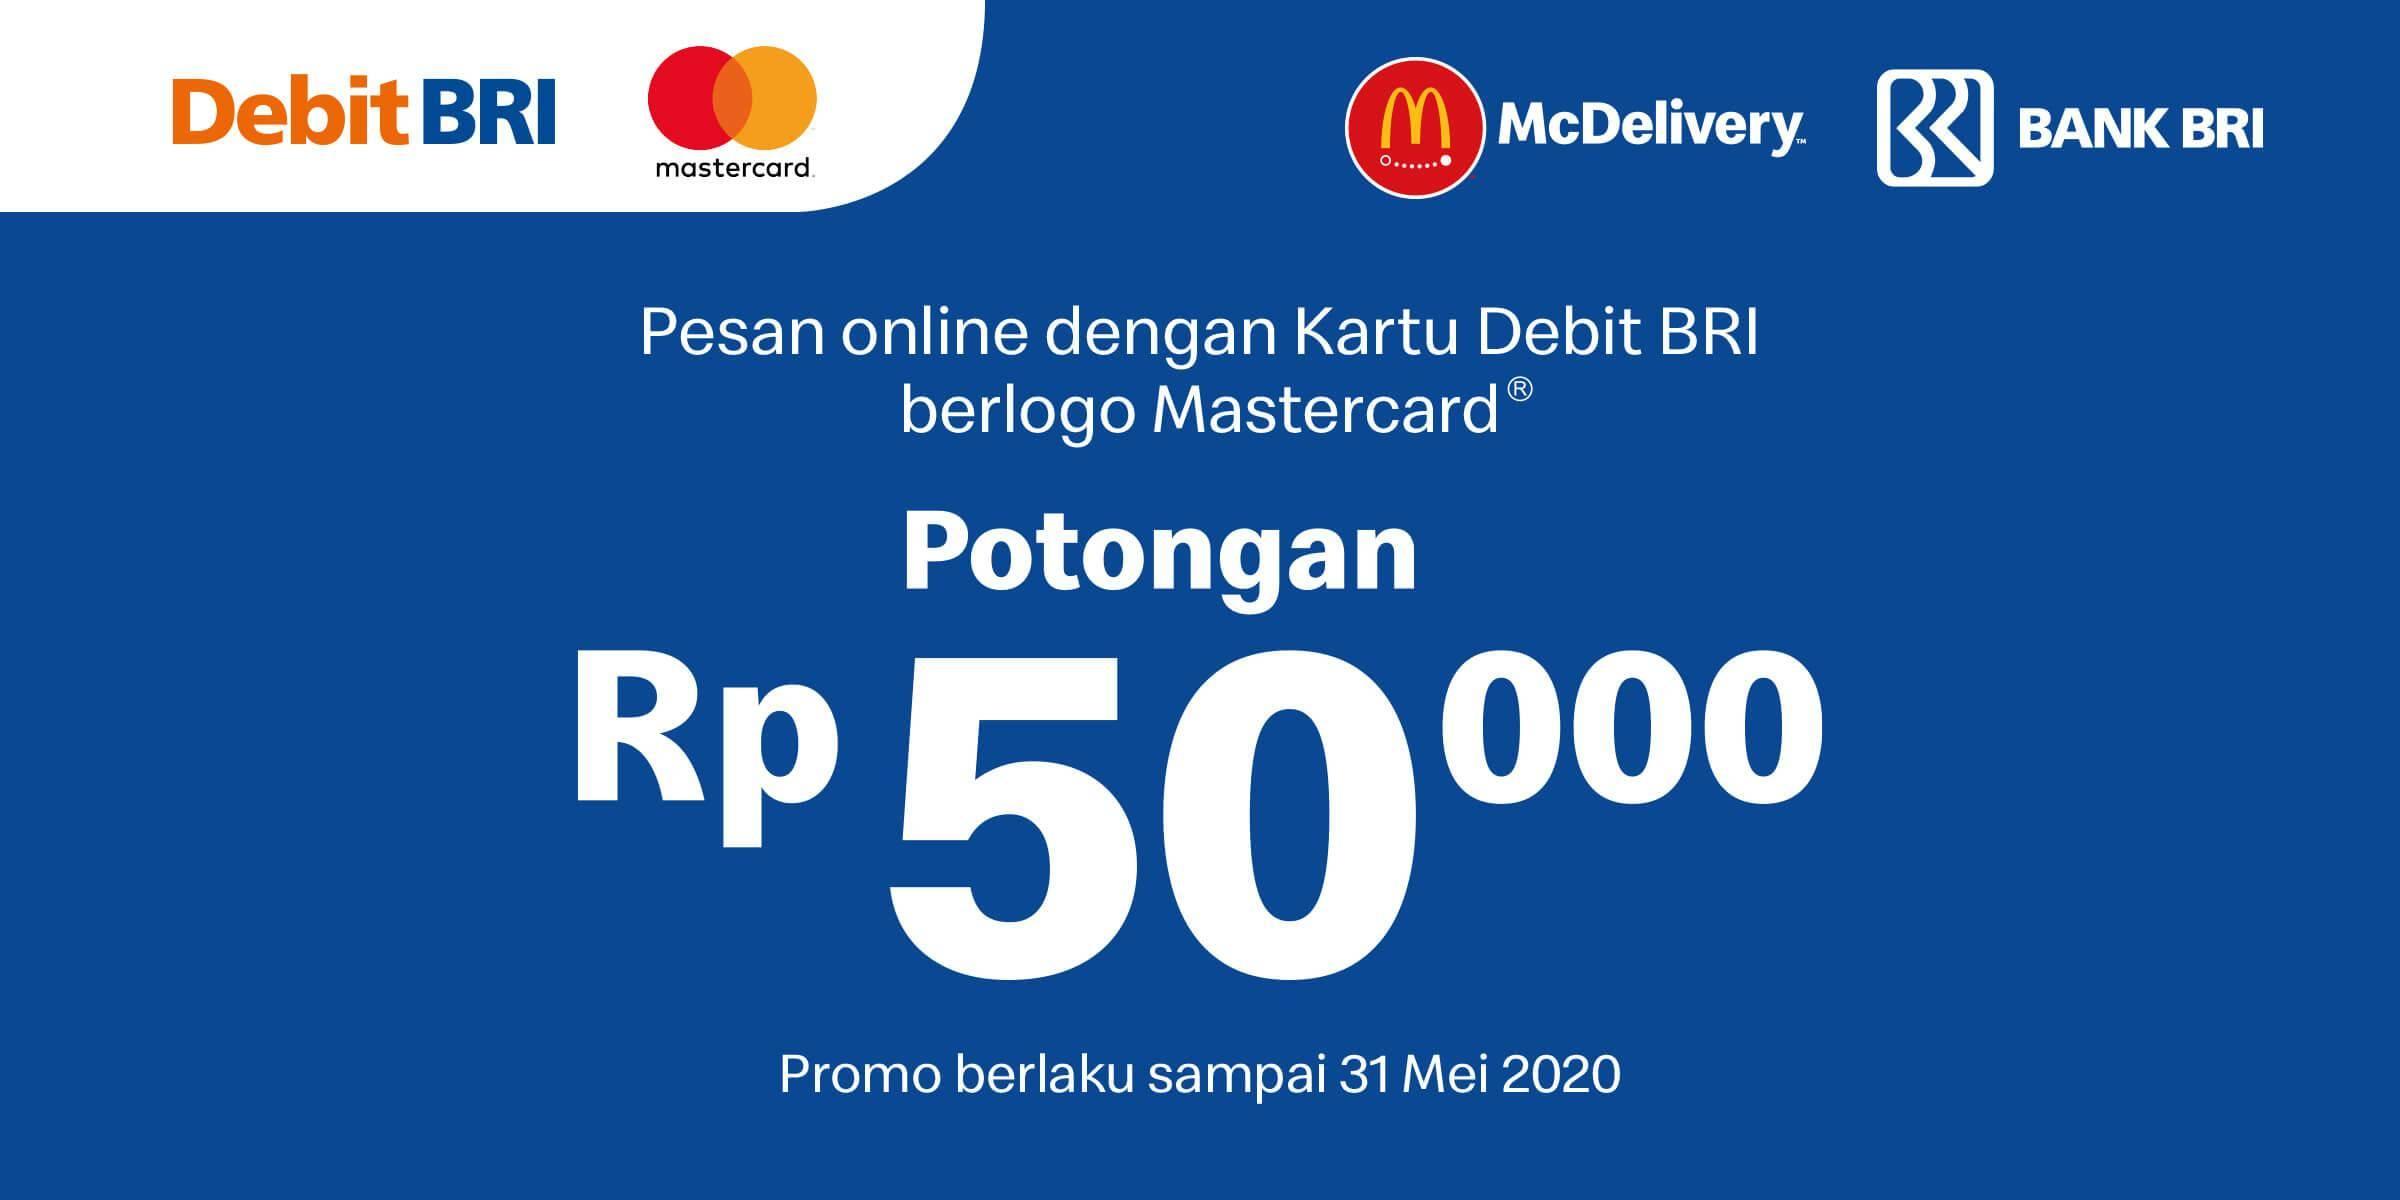 McDonalds Promo Diskon Rp. 50.000 Untuk Transaksi Menggunakan Kartu Debit BRI Mastercard